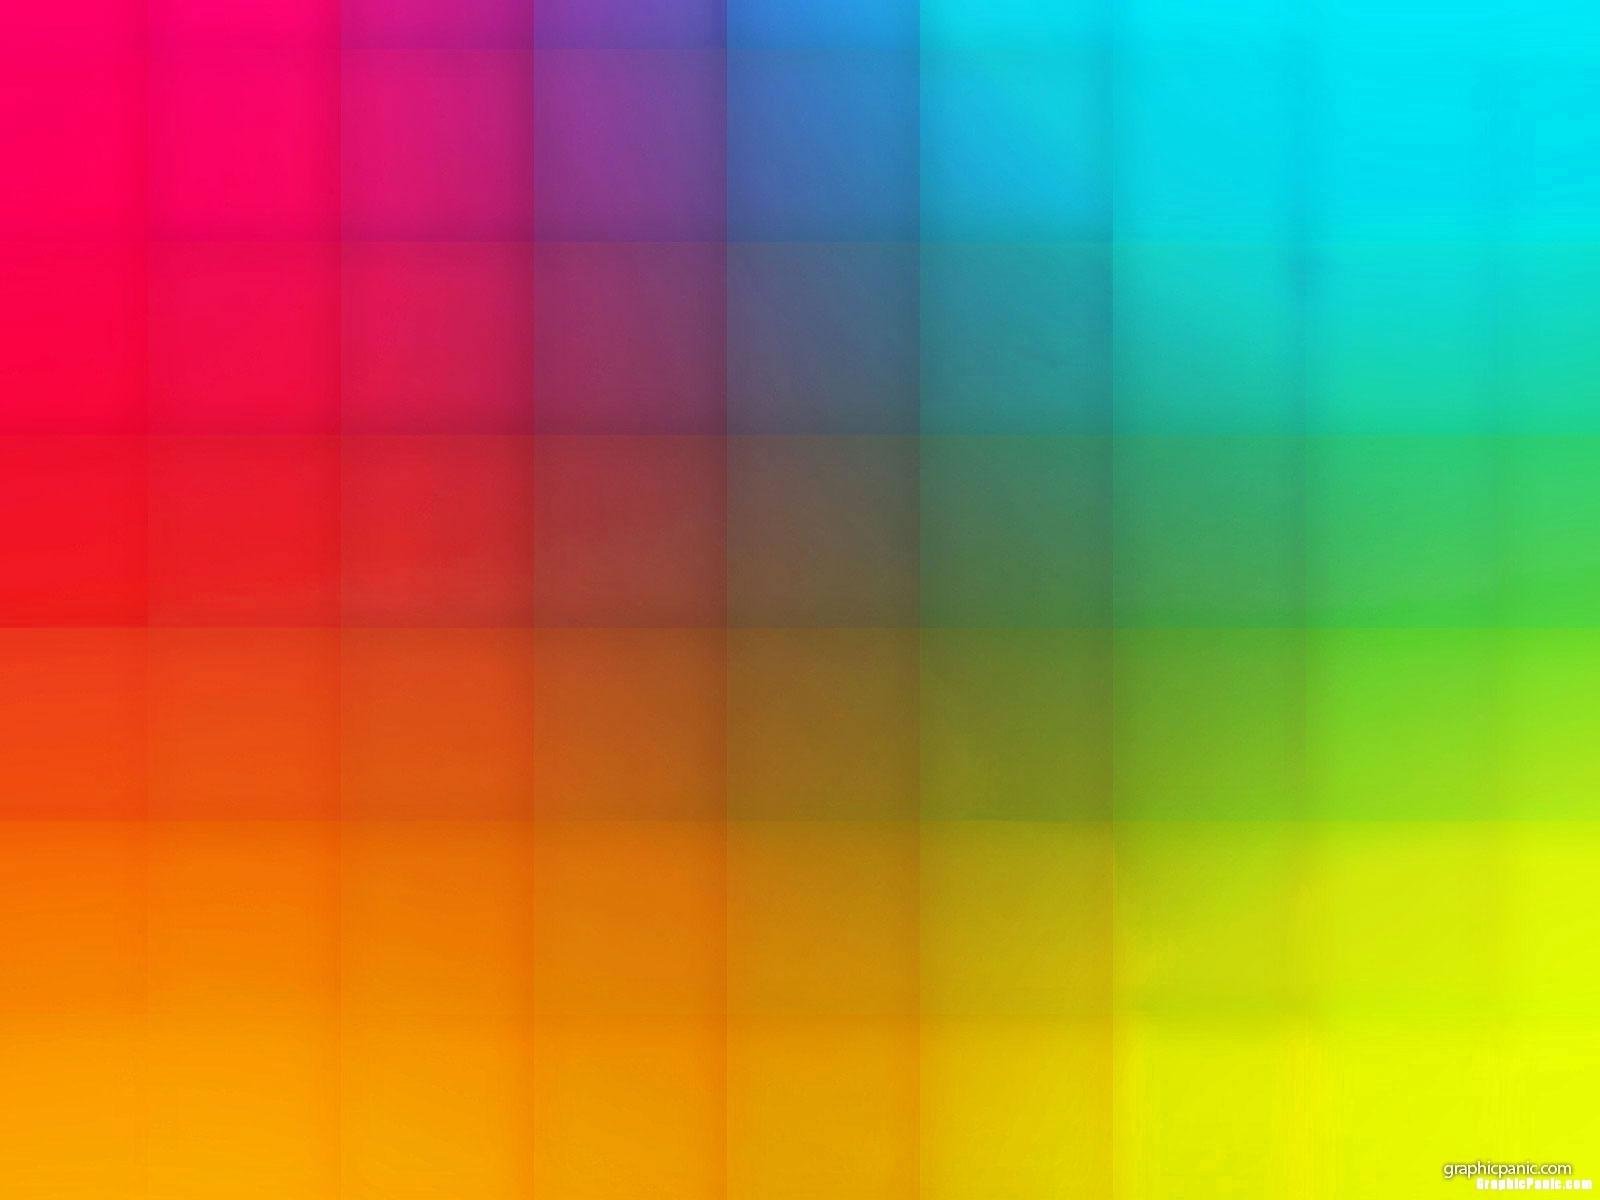 Rainbow powerpoint background graphicpanic rainbow powerpoint background toneelgroepblik Gallery